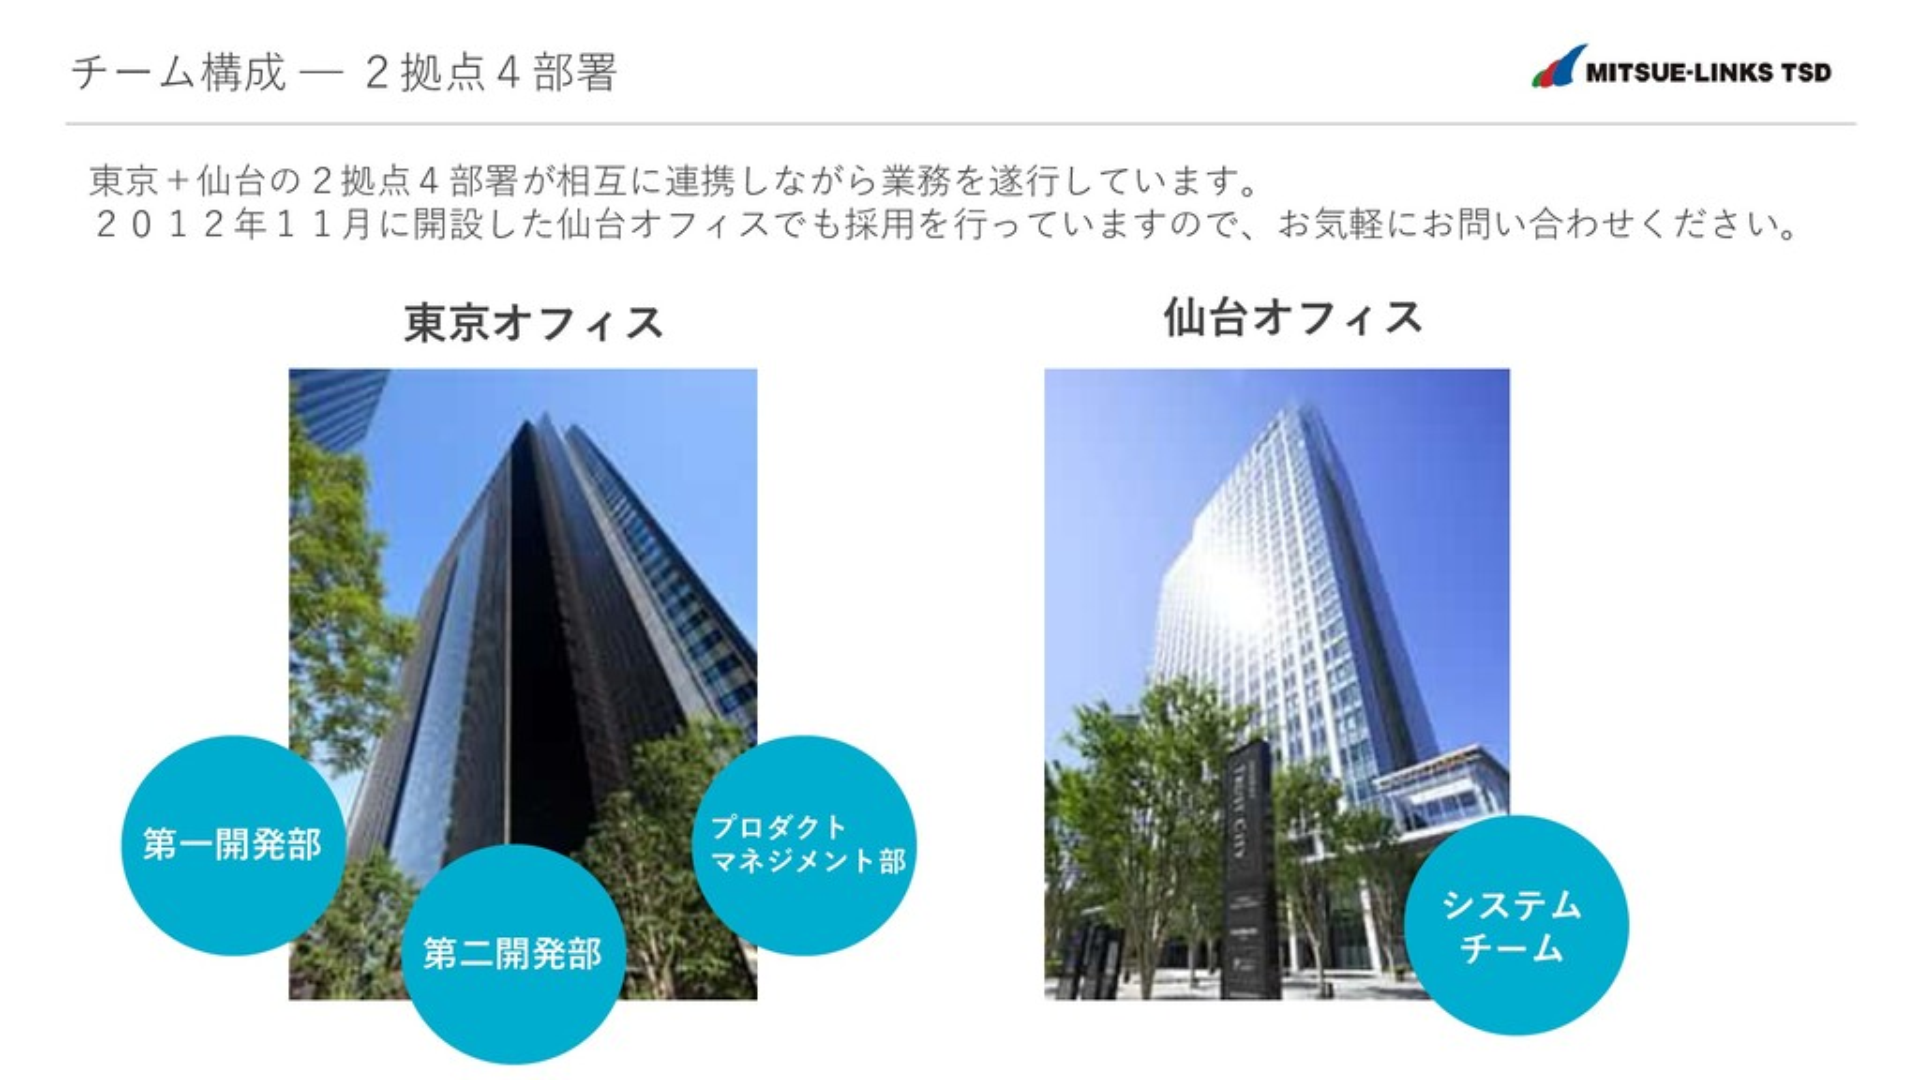 チーム構成 ─ 2拠点4部署 東京+仙台の2拠点4部署が相互に連携しながら業務を遂行しています...